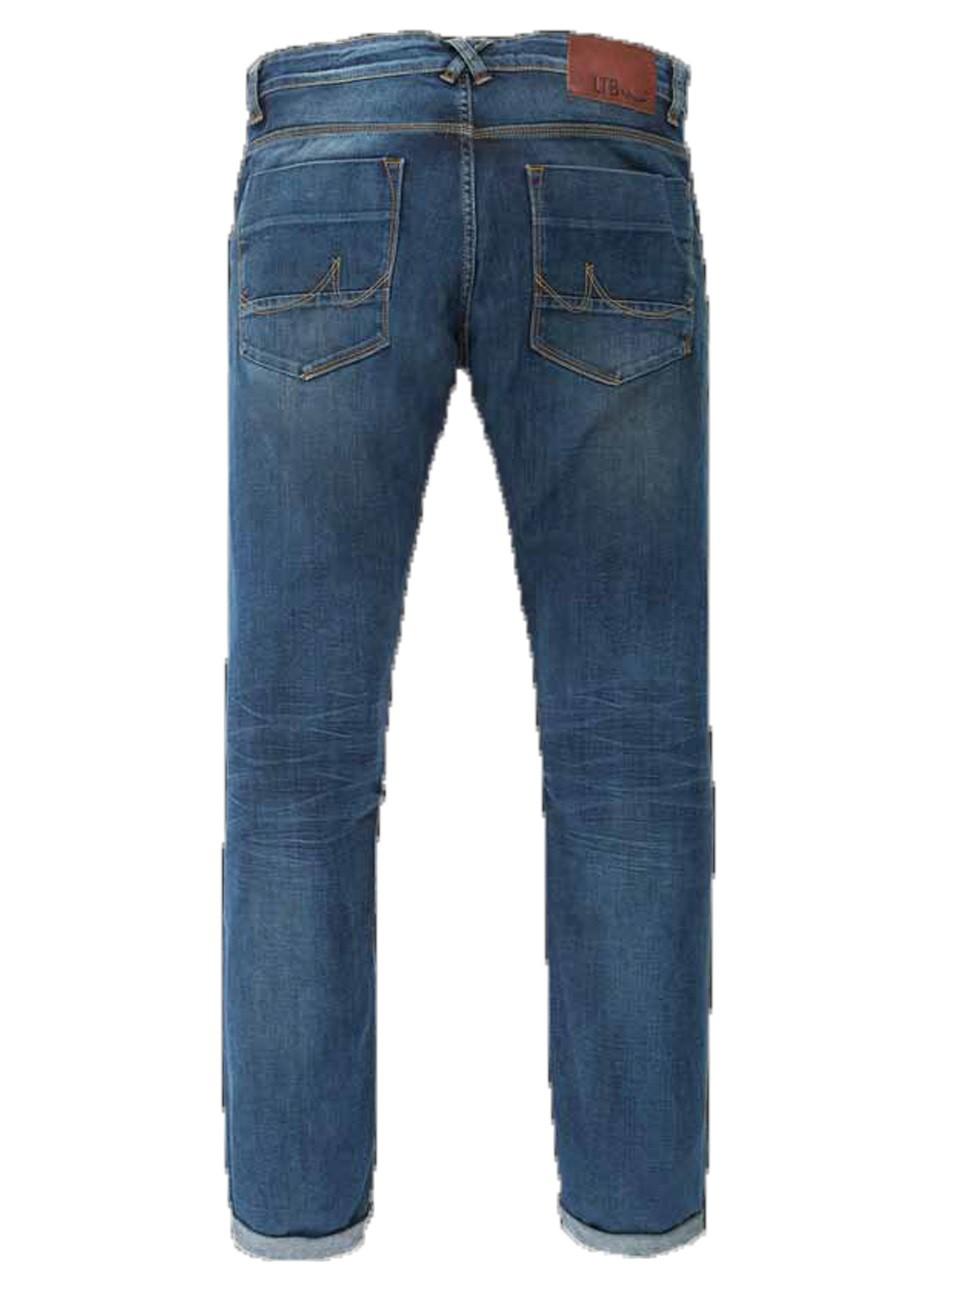 ltb herren jeans roden 50186 bootcut dark iron wash preis bild rating vorlieben kommentare. Black Bedroom Furniture Sets. Home Design Ideas